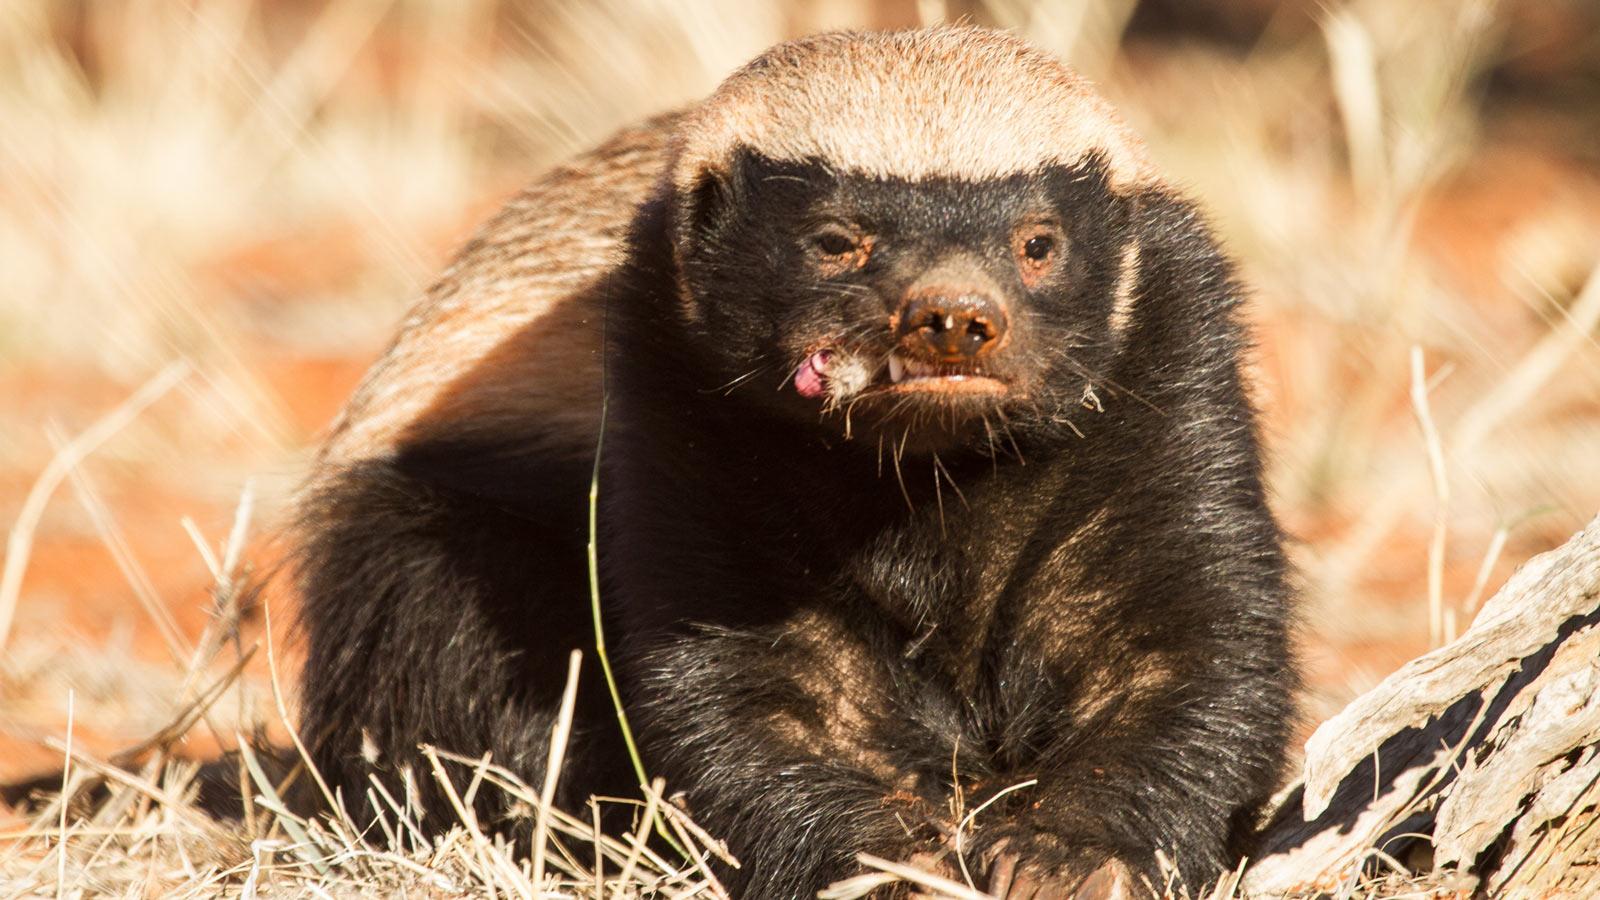 蜜獾的全部相关视频 bilibili 哔哩哔哩弹幕视频网